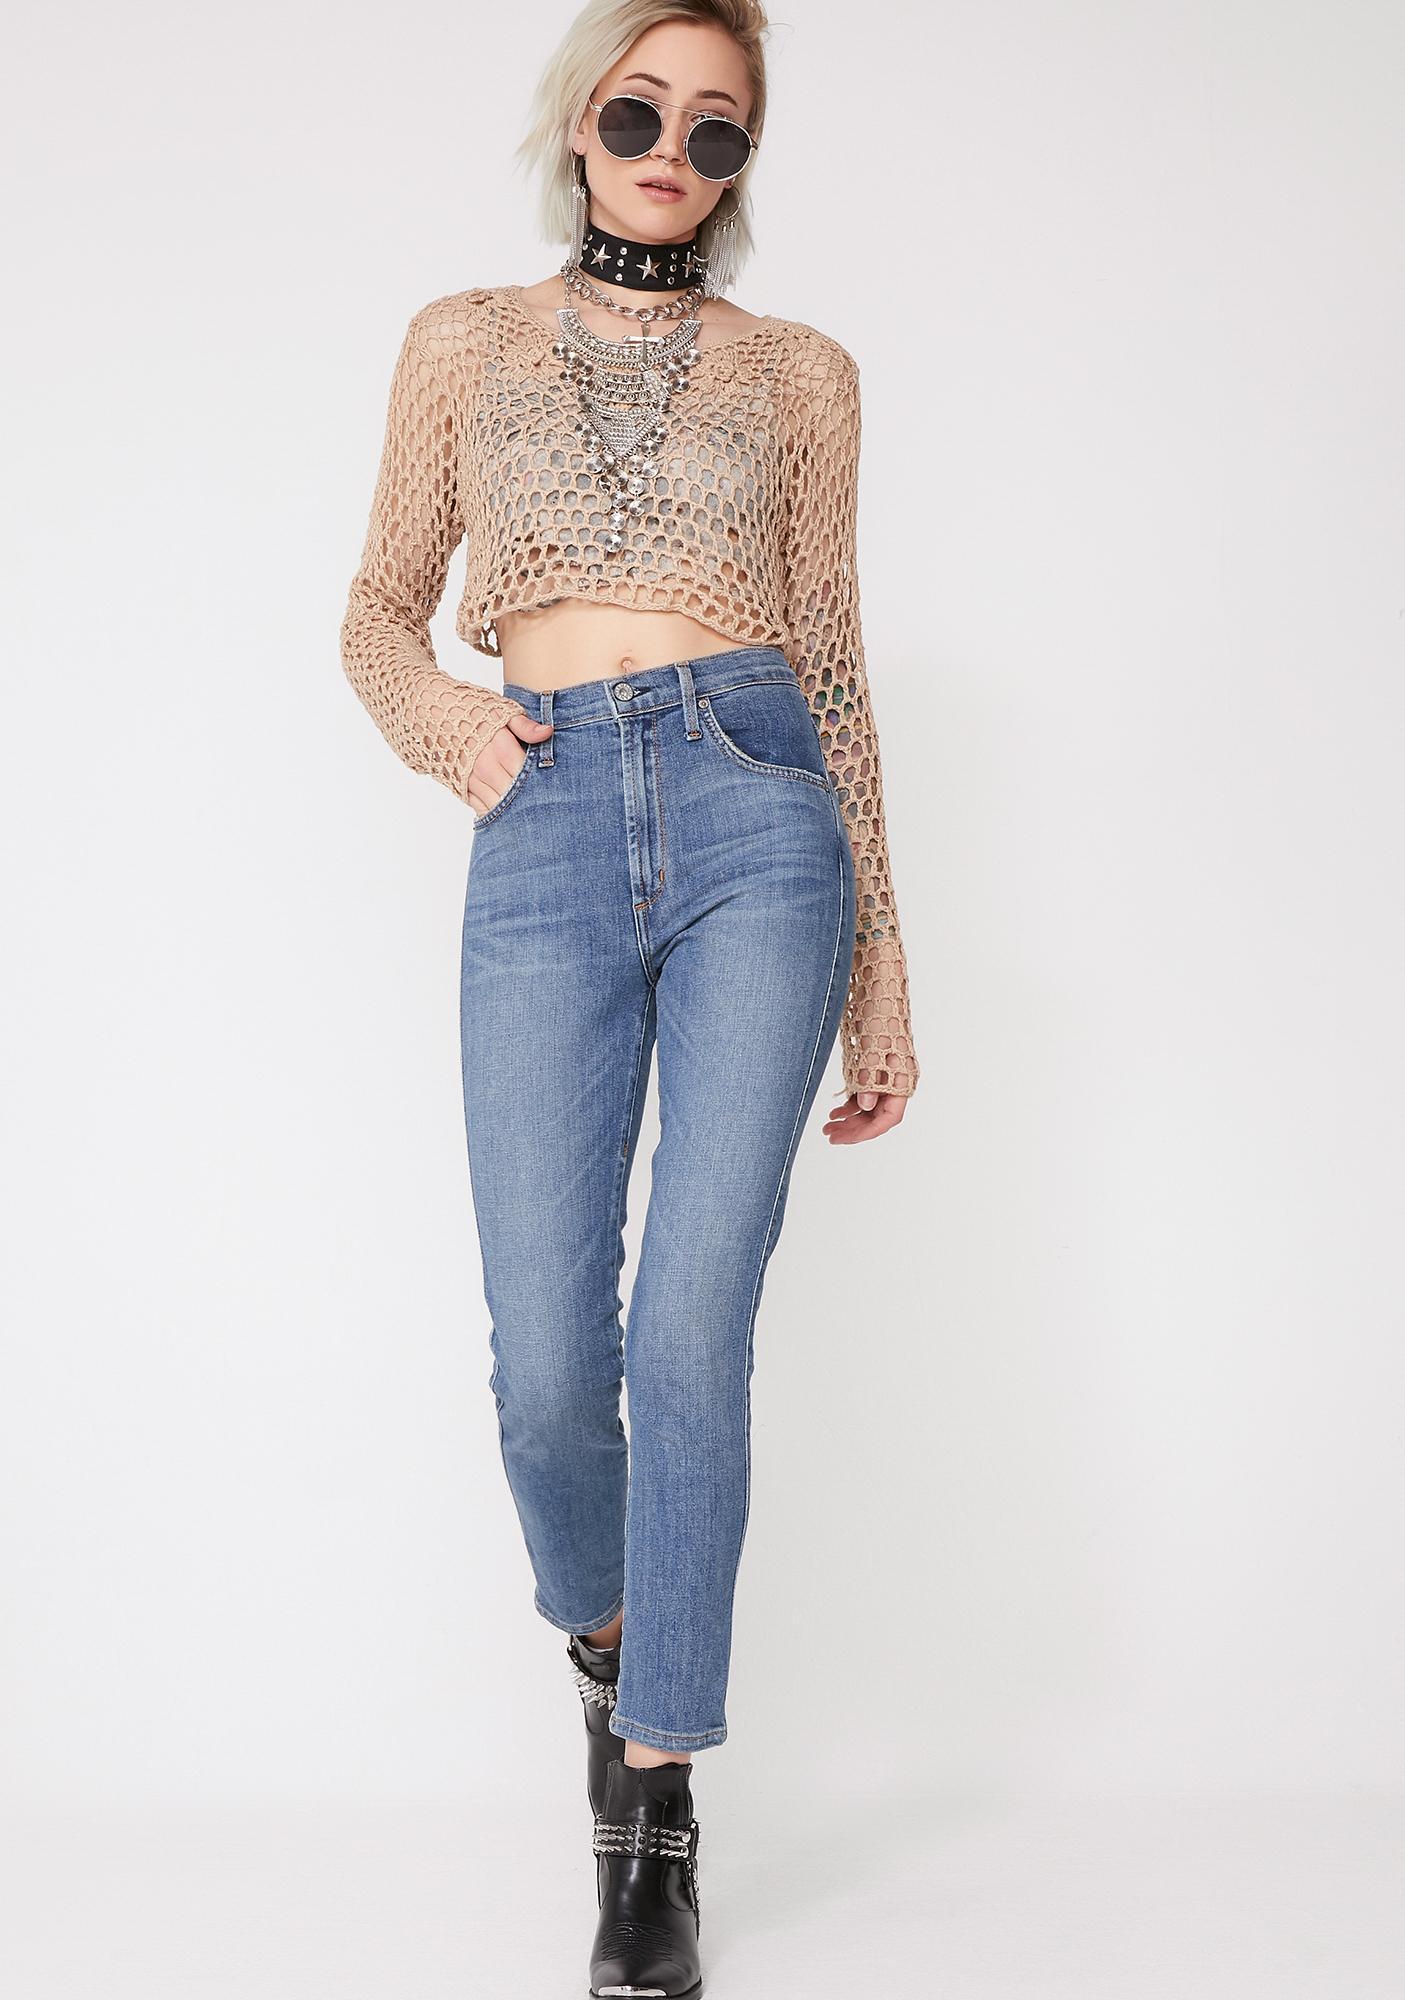 James Jeans Skylar Melrose Laced Jeans